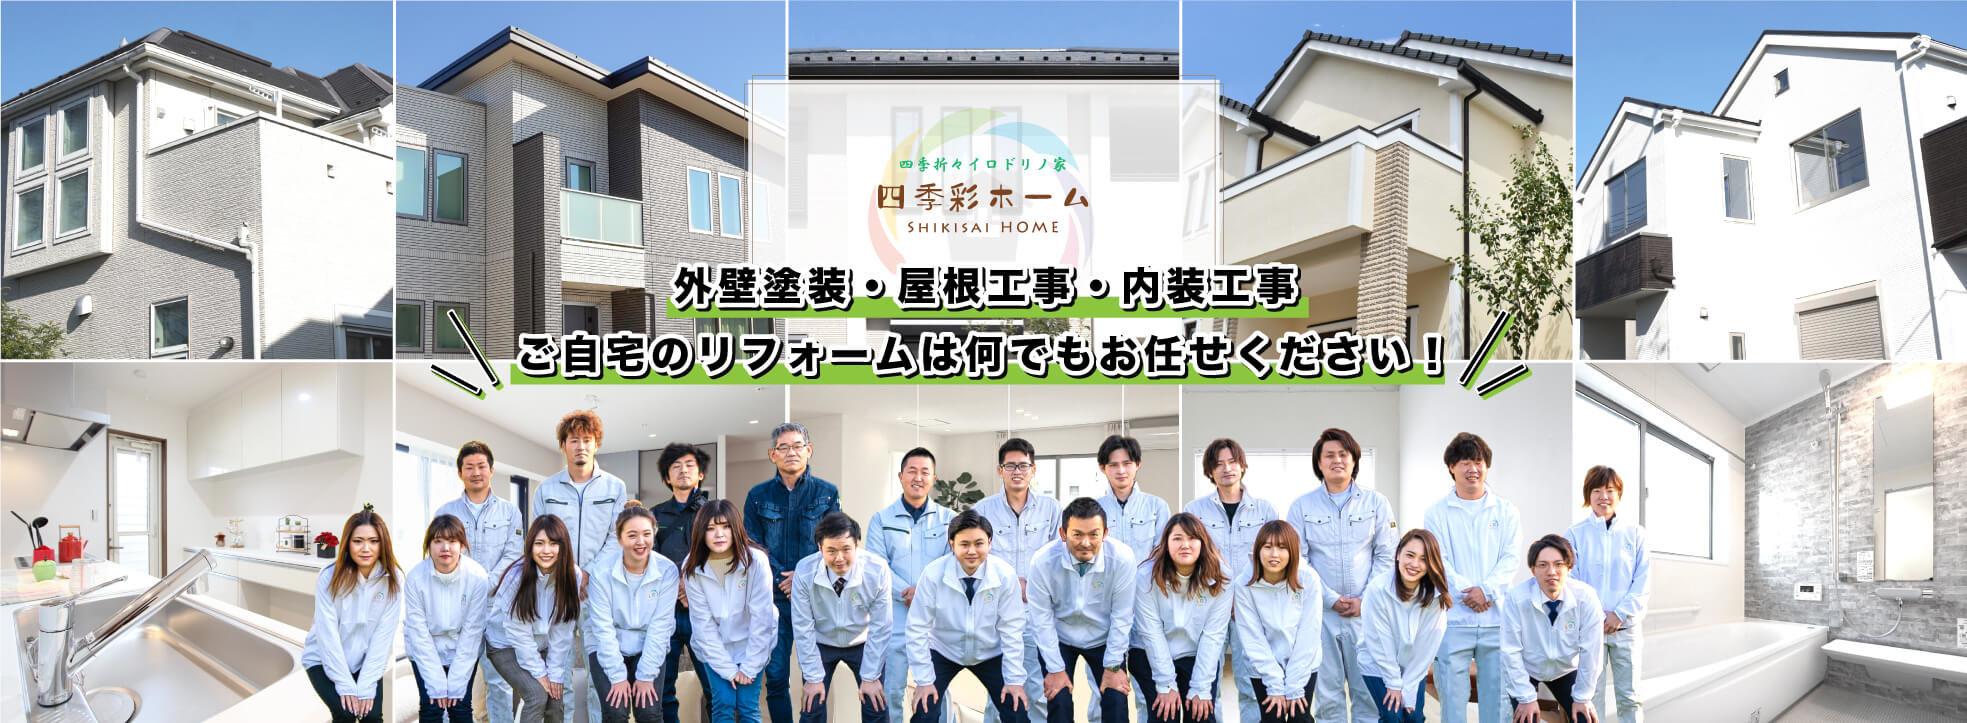 埼玉県さいたま市の外壁塗装や住宅リフォーム